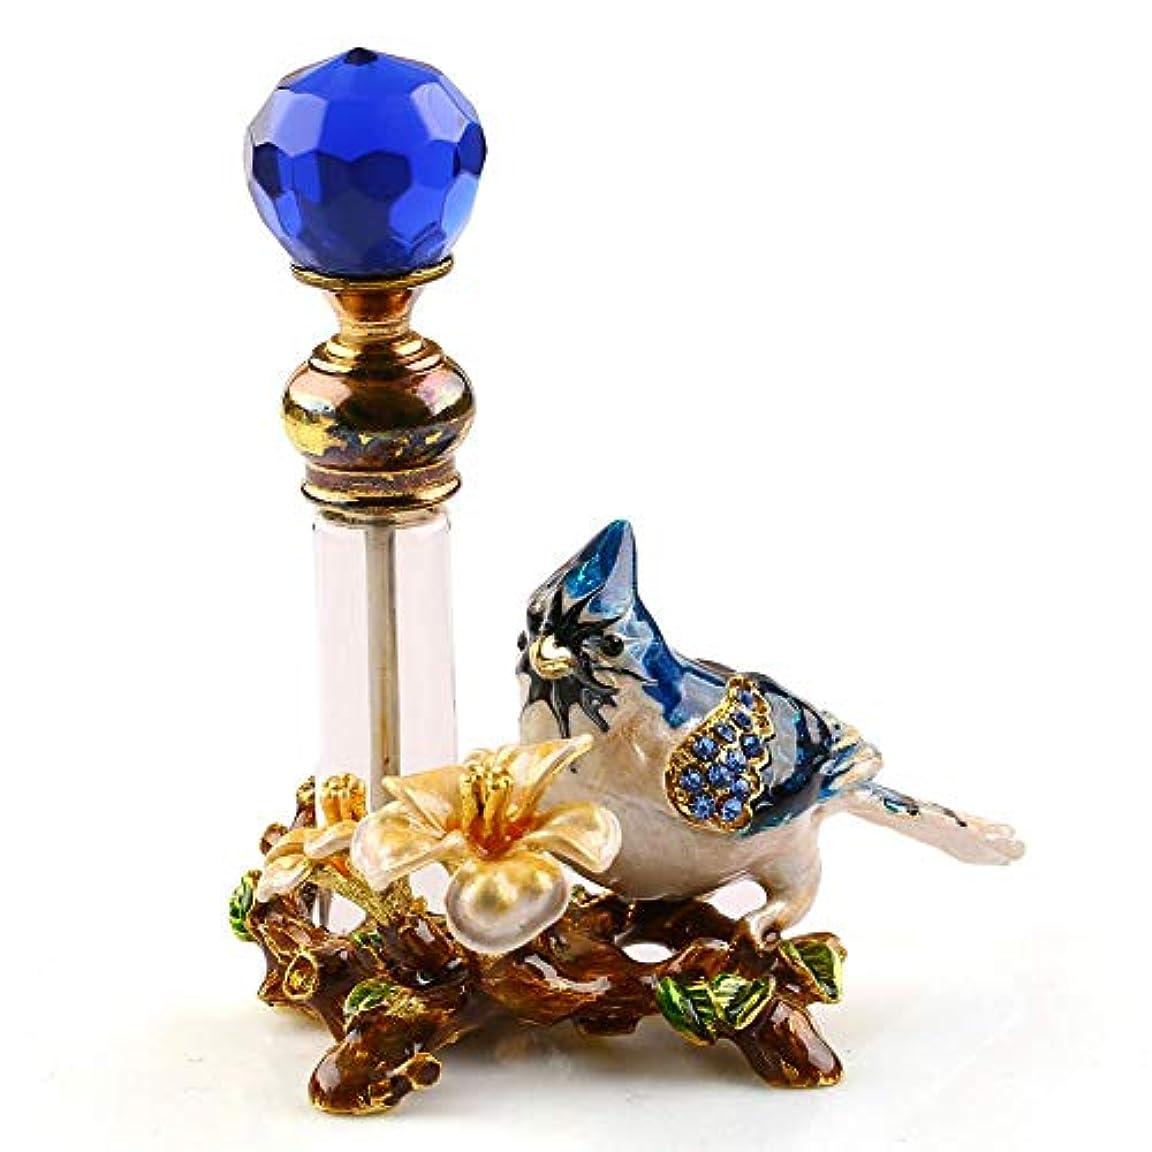 処分した魅惑的なエピソードVERY100 高品質 美しい香水瓶 4ML アロマボトル 綺麗アンティーク風 鳥と花 詰替用ボトル 空き プレゼント 結婚式 飾り